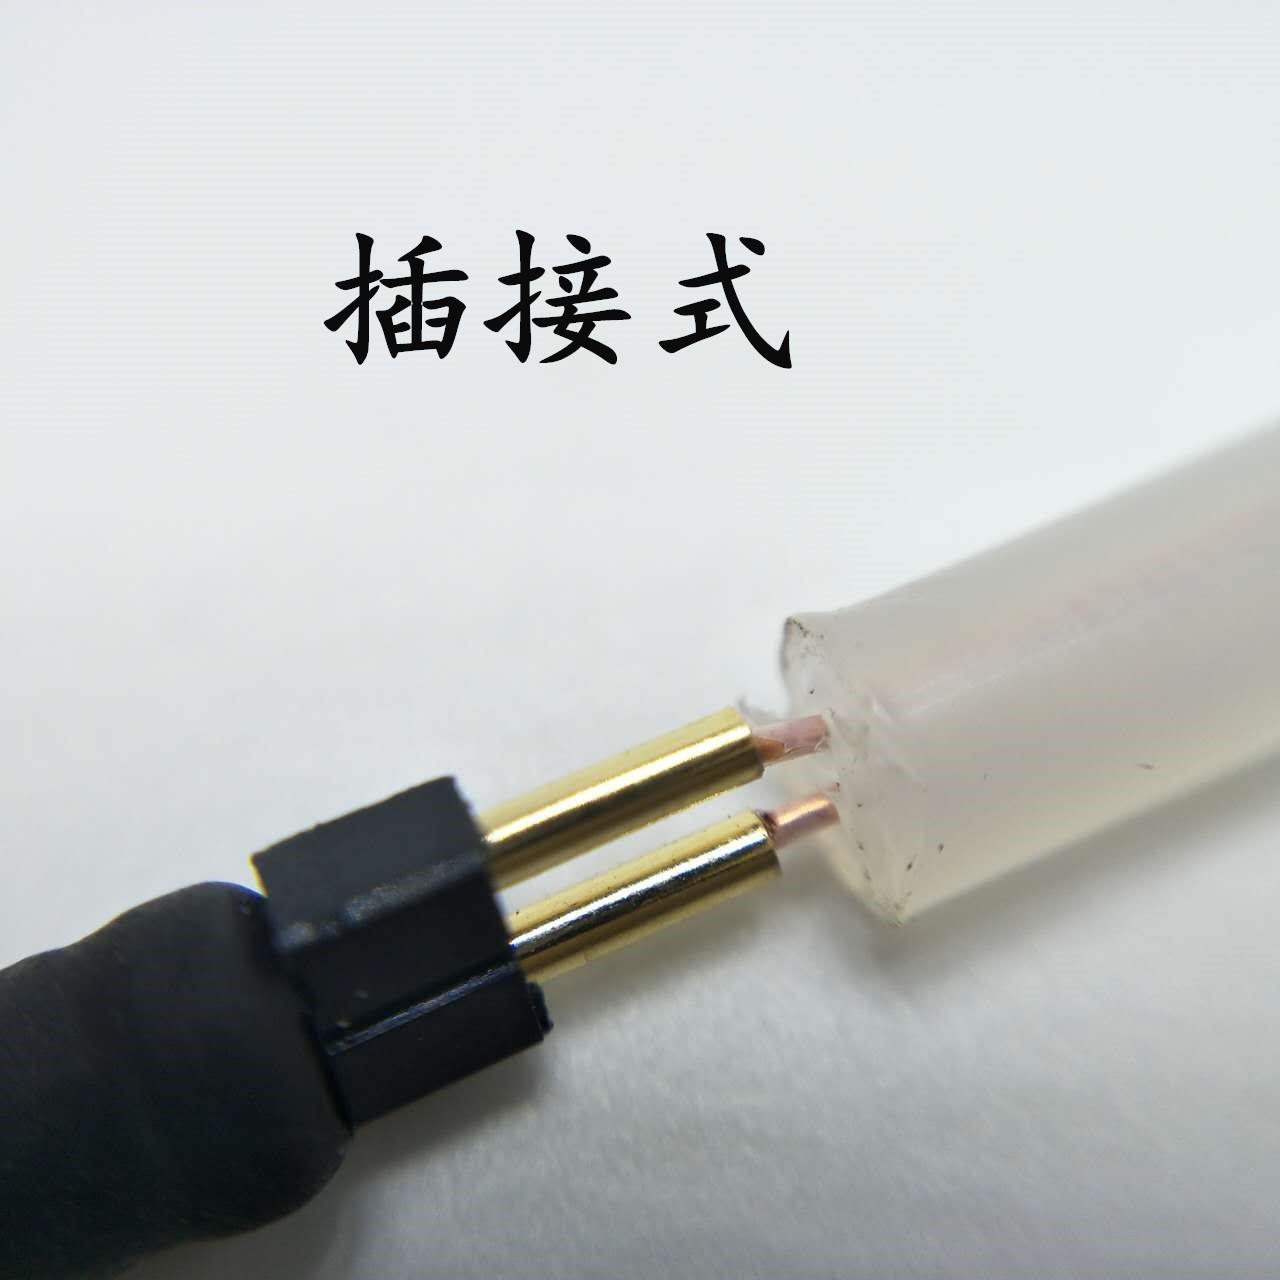 测堵器免焊接探头排堵器电工管道探测器PVC管探管器穿线管堵塞仪